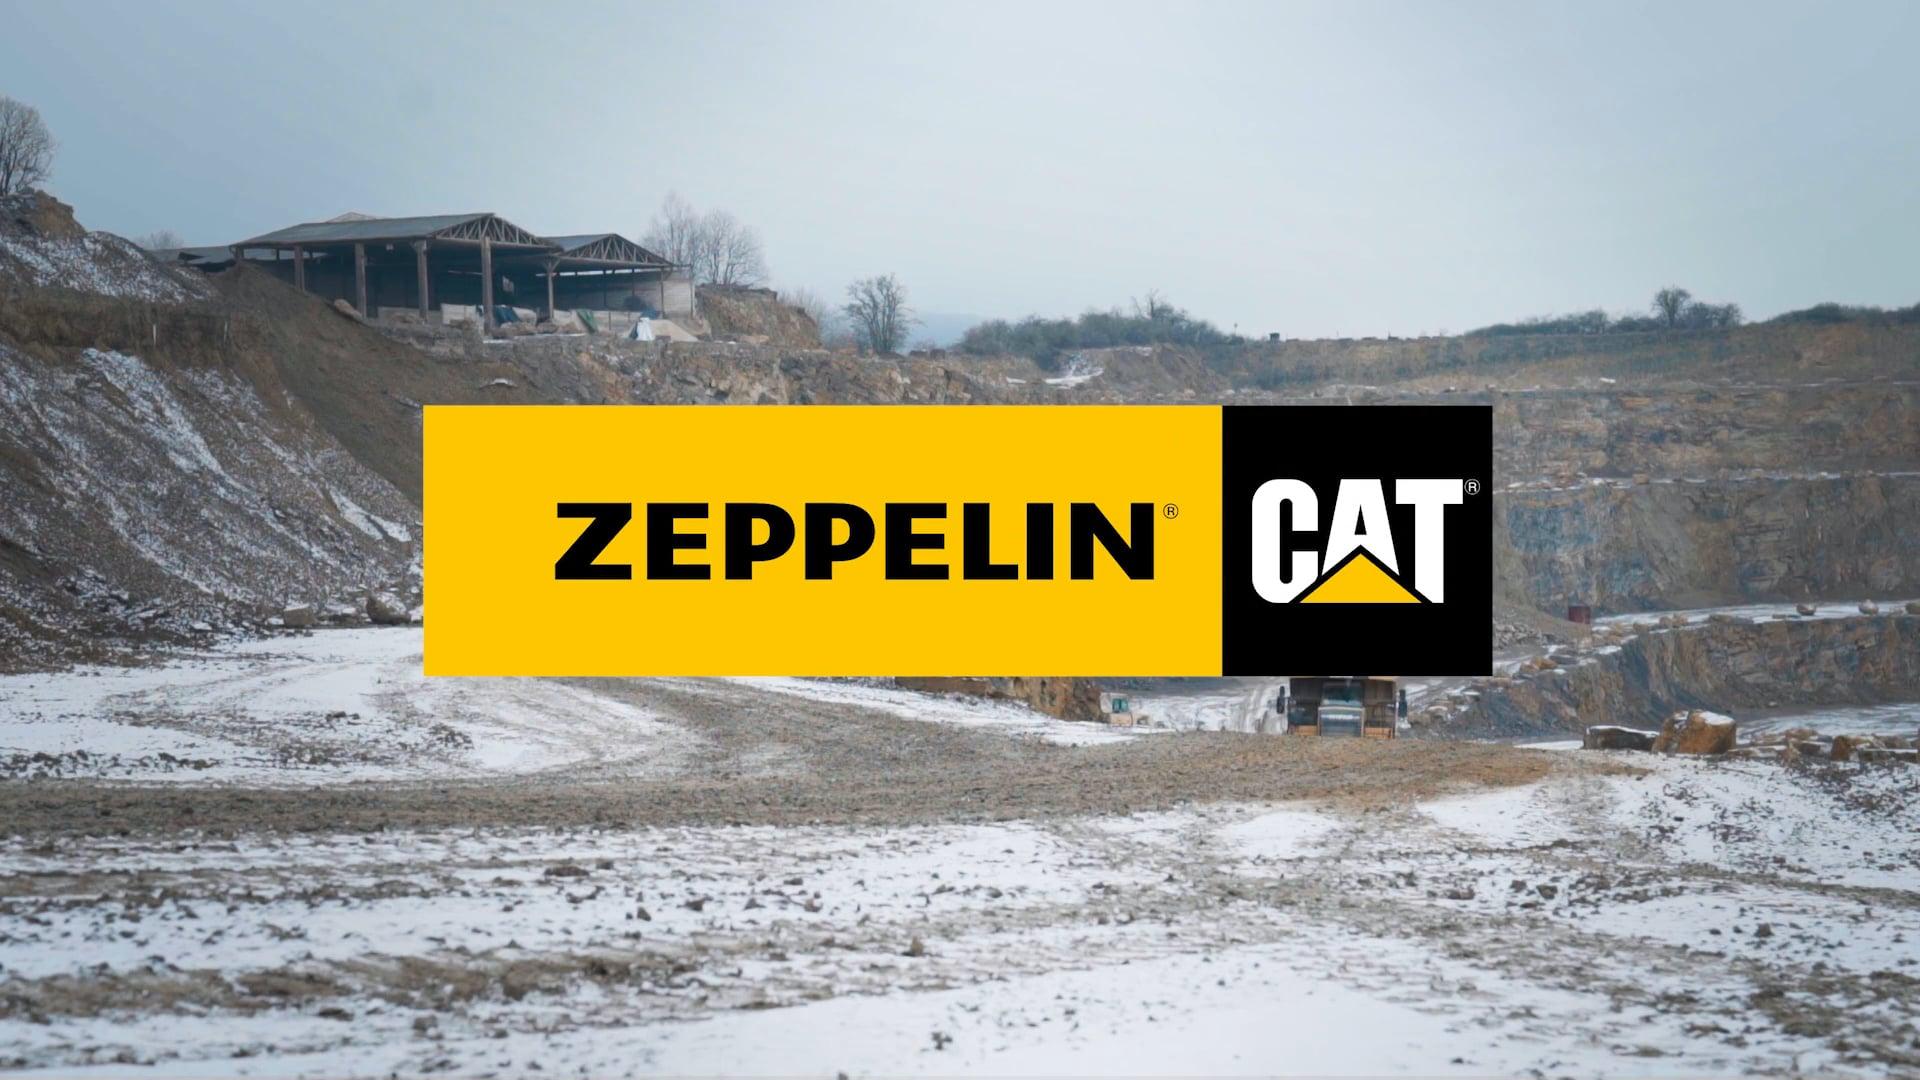 We present … CAT Certified Rebuild by Zeppelin!